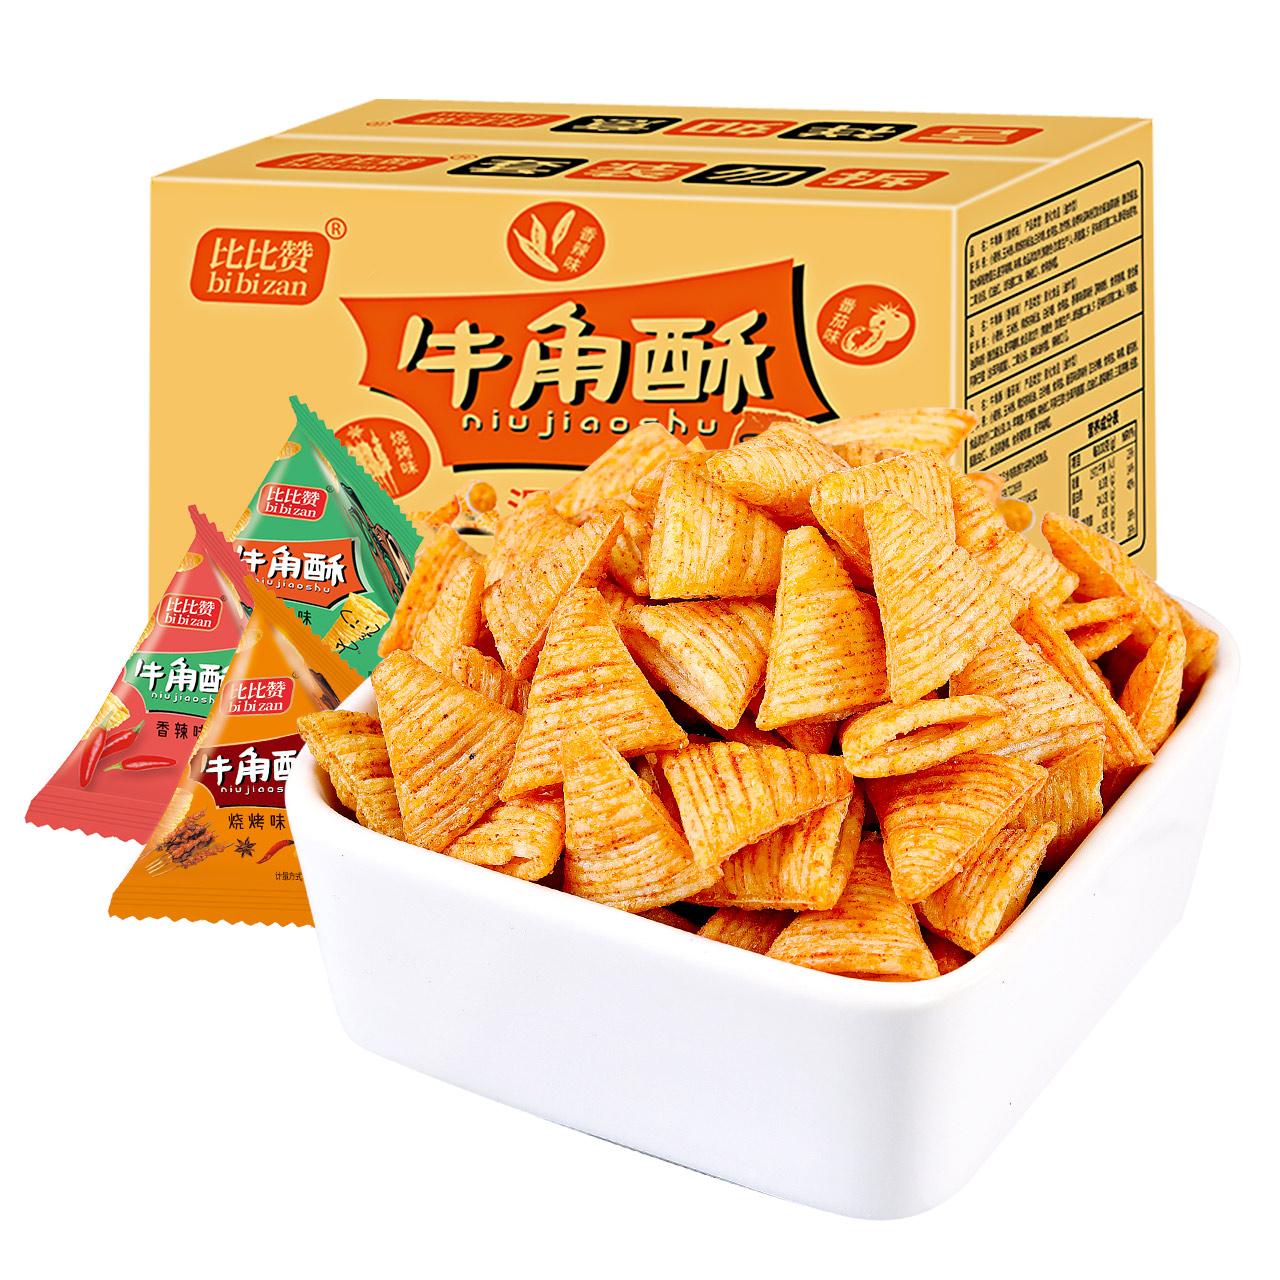 比比赞牛角酥500g尖角好吃膨化零食品脆薯片锅巴网红休闲怀旧小吃